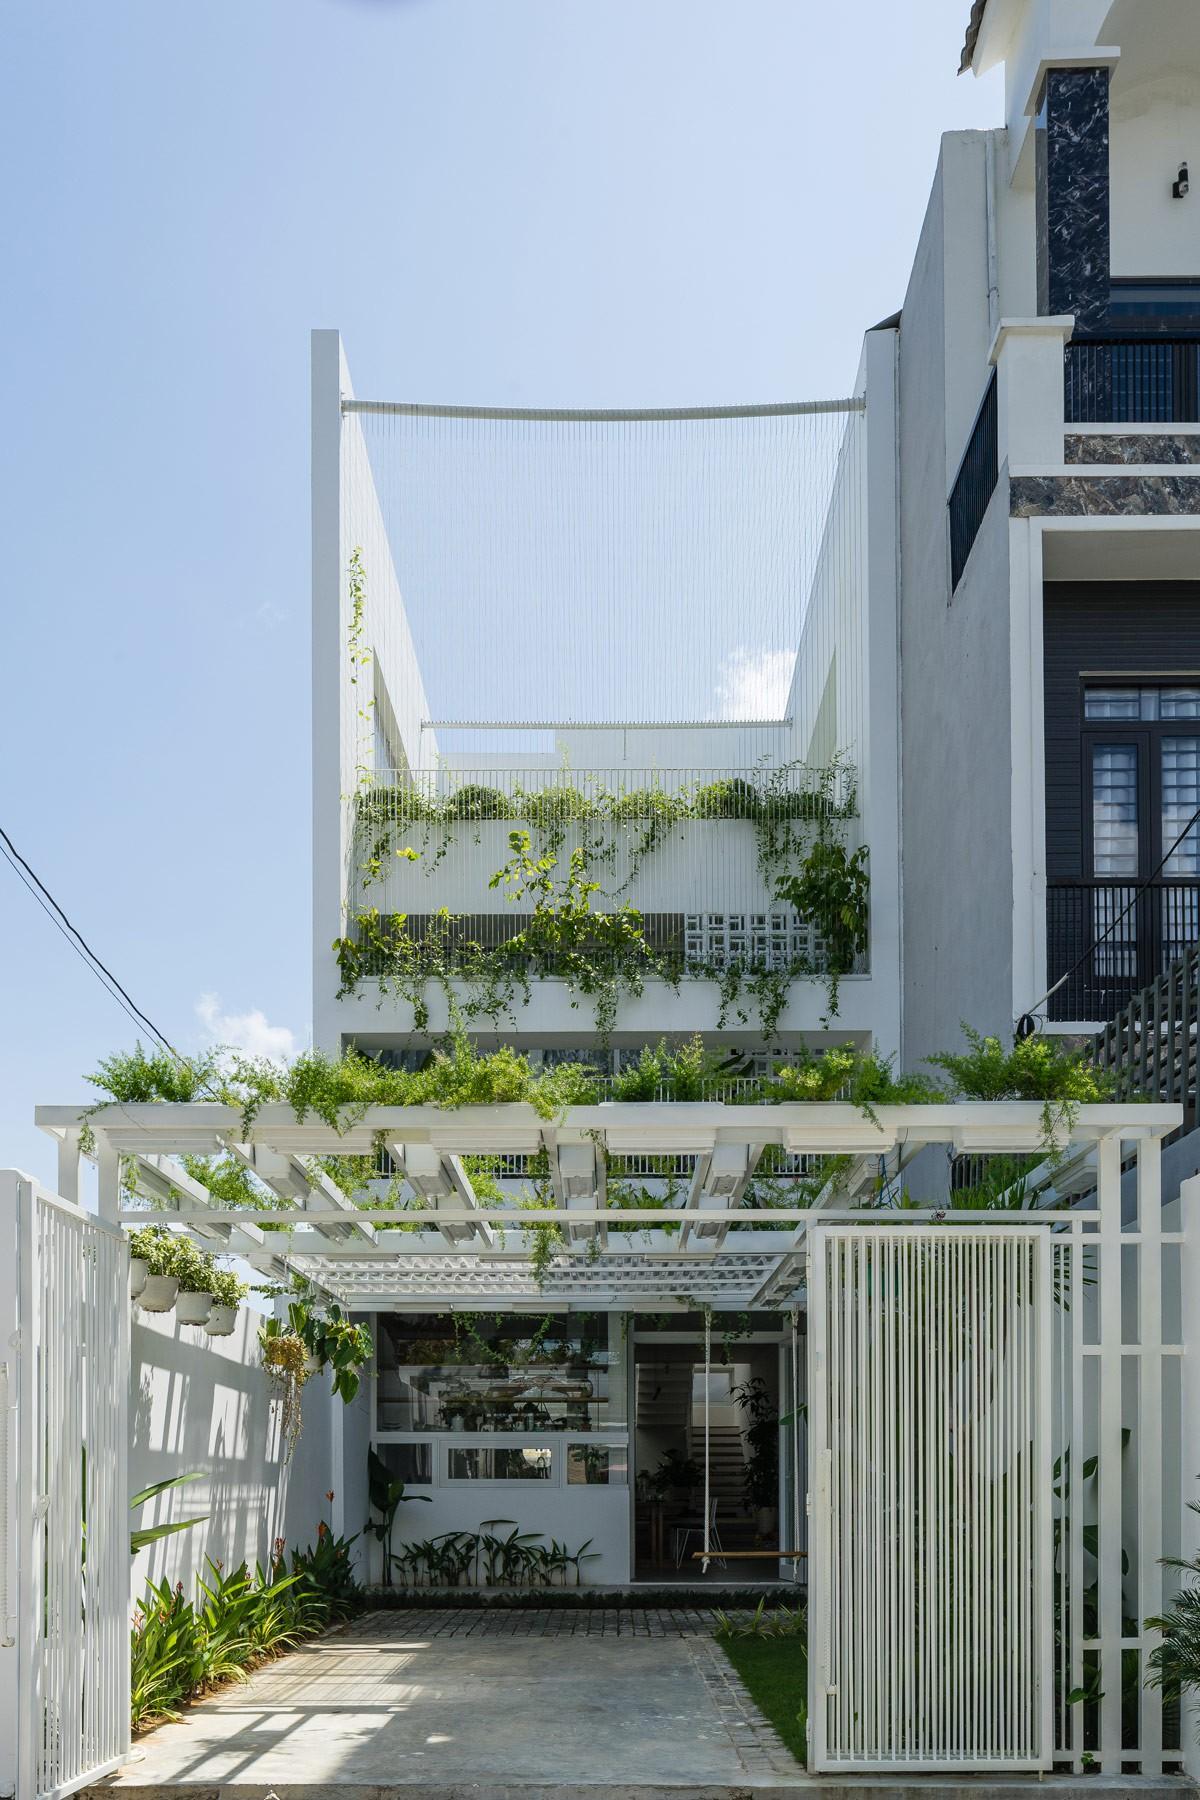 Ngôi nhà có không gian tự nhiên thư giãn cùng hồ cá bên trong - Hình 1